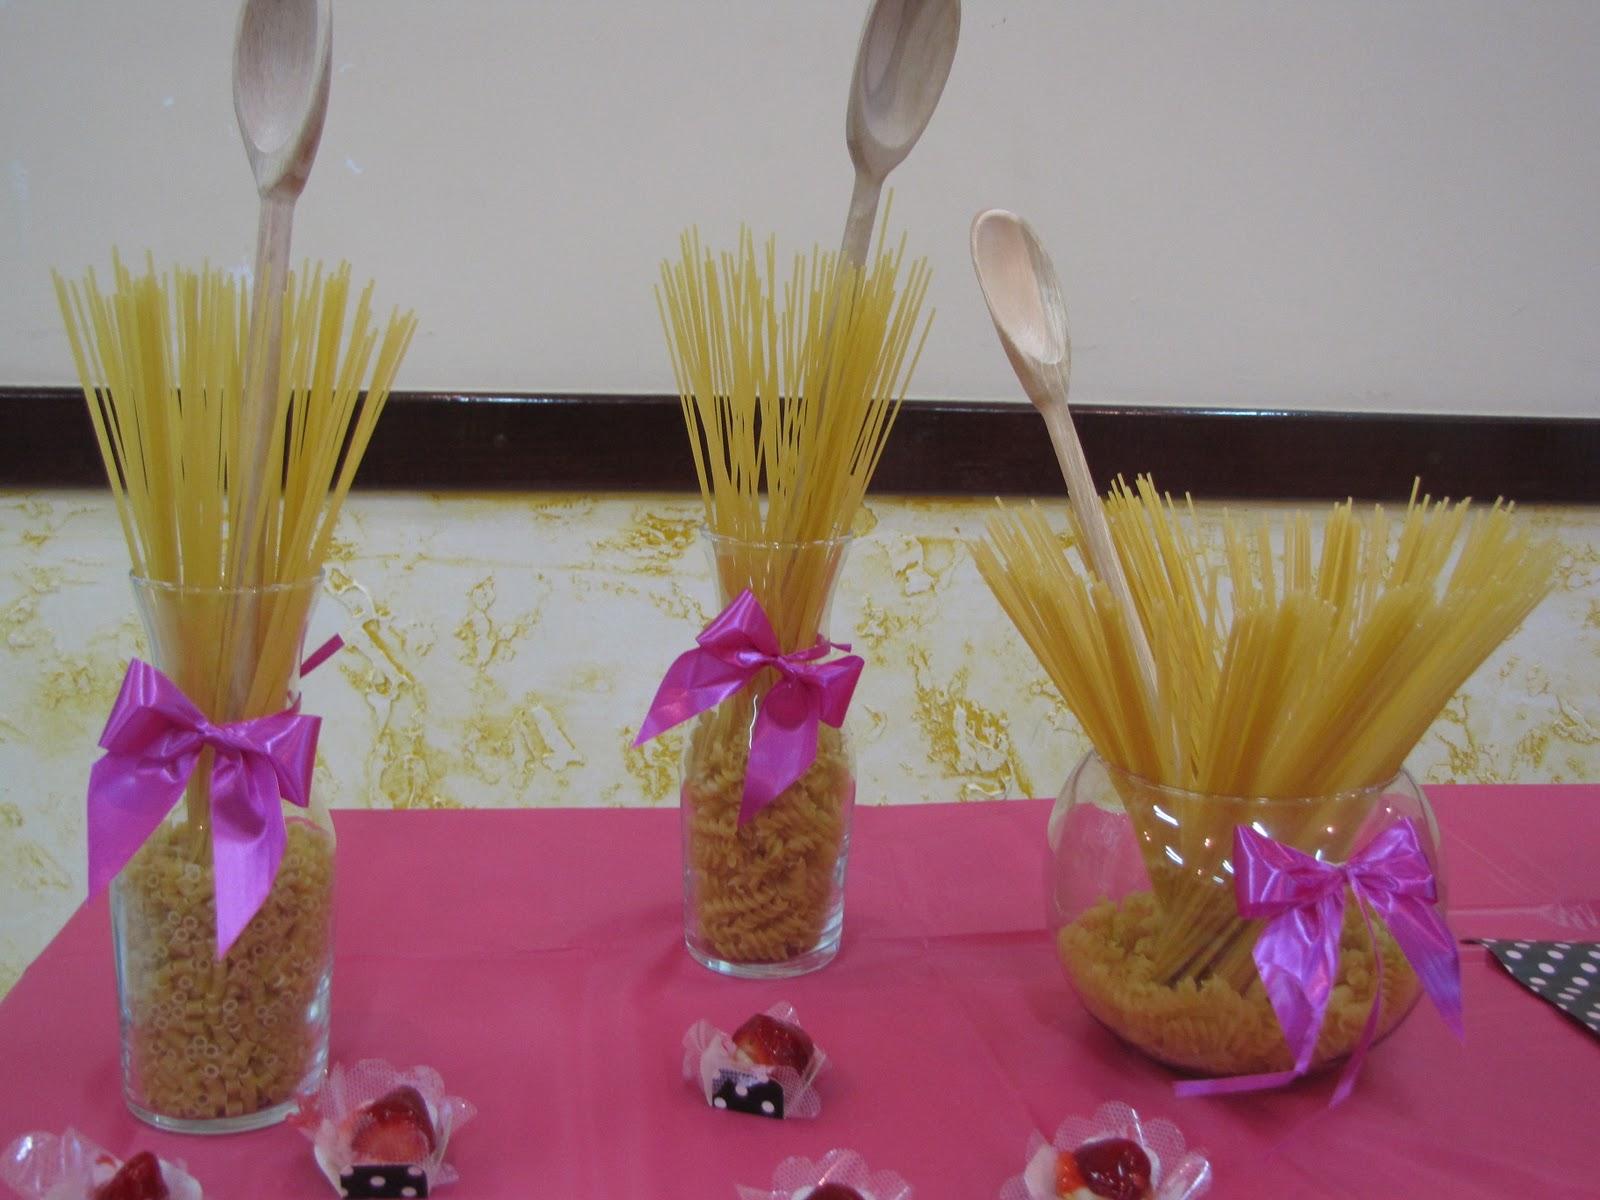 #917635 Noiva e Novidade: Chá de Panela decoração gastando pouquinho. 1600x1200 px Idéias Arranjo Cozinha_228 Imagens